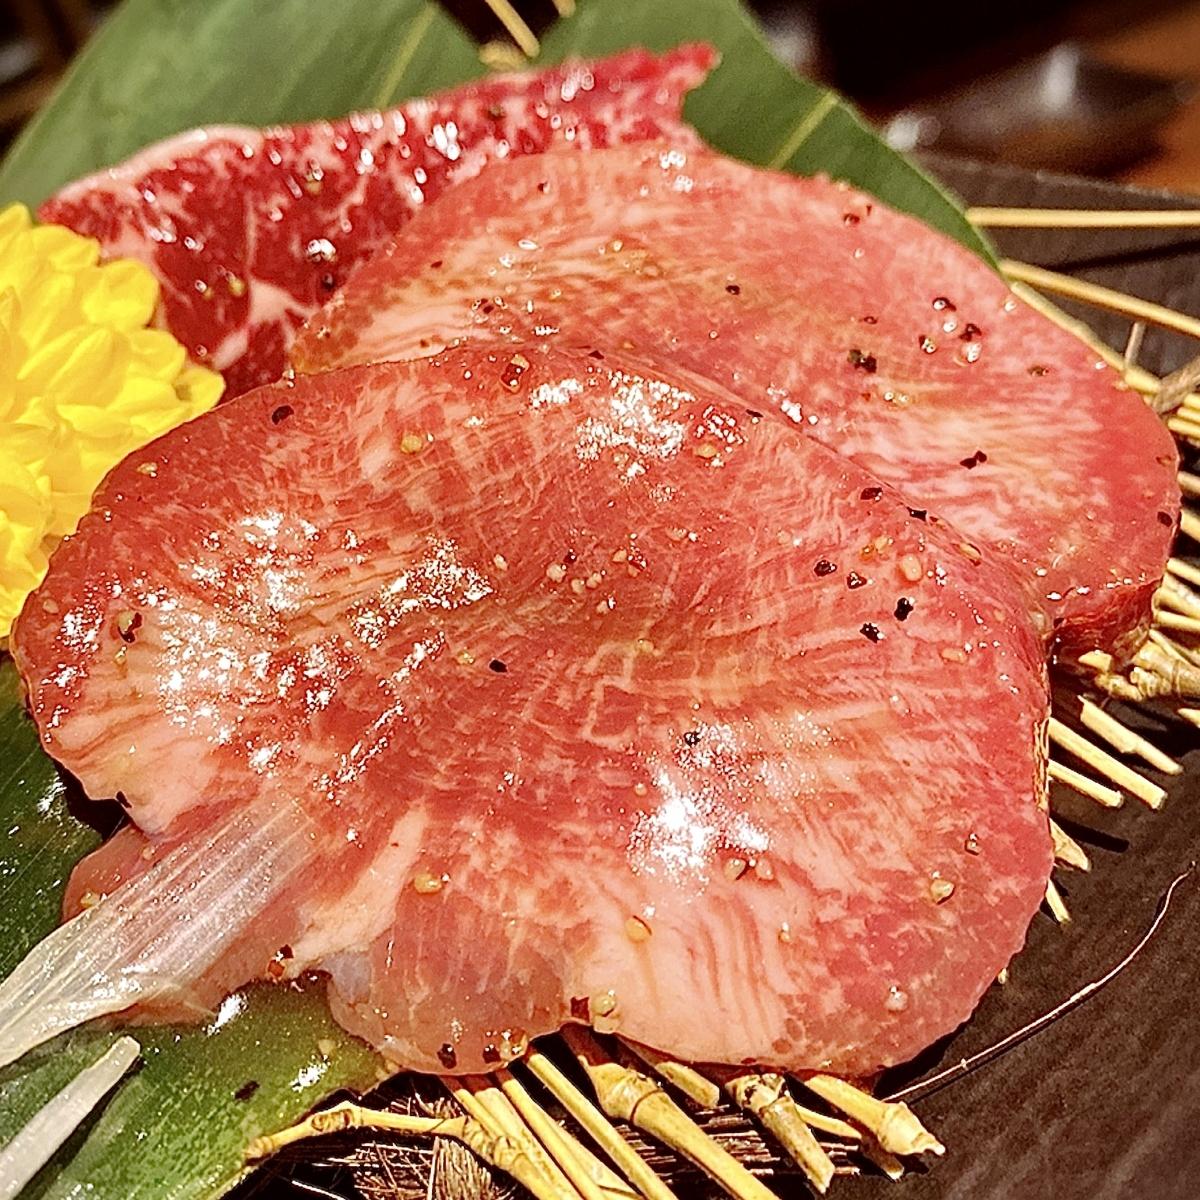 【赤坂】オシャレかつ美味!デート向きな焼肉屋!冷麺が特徴的かも